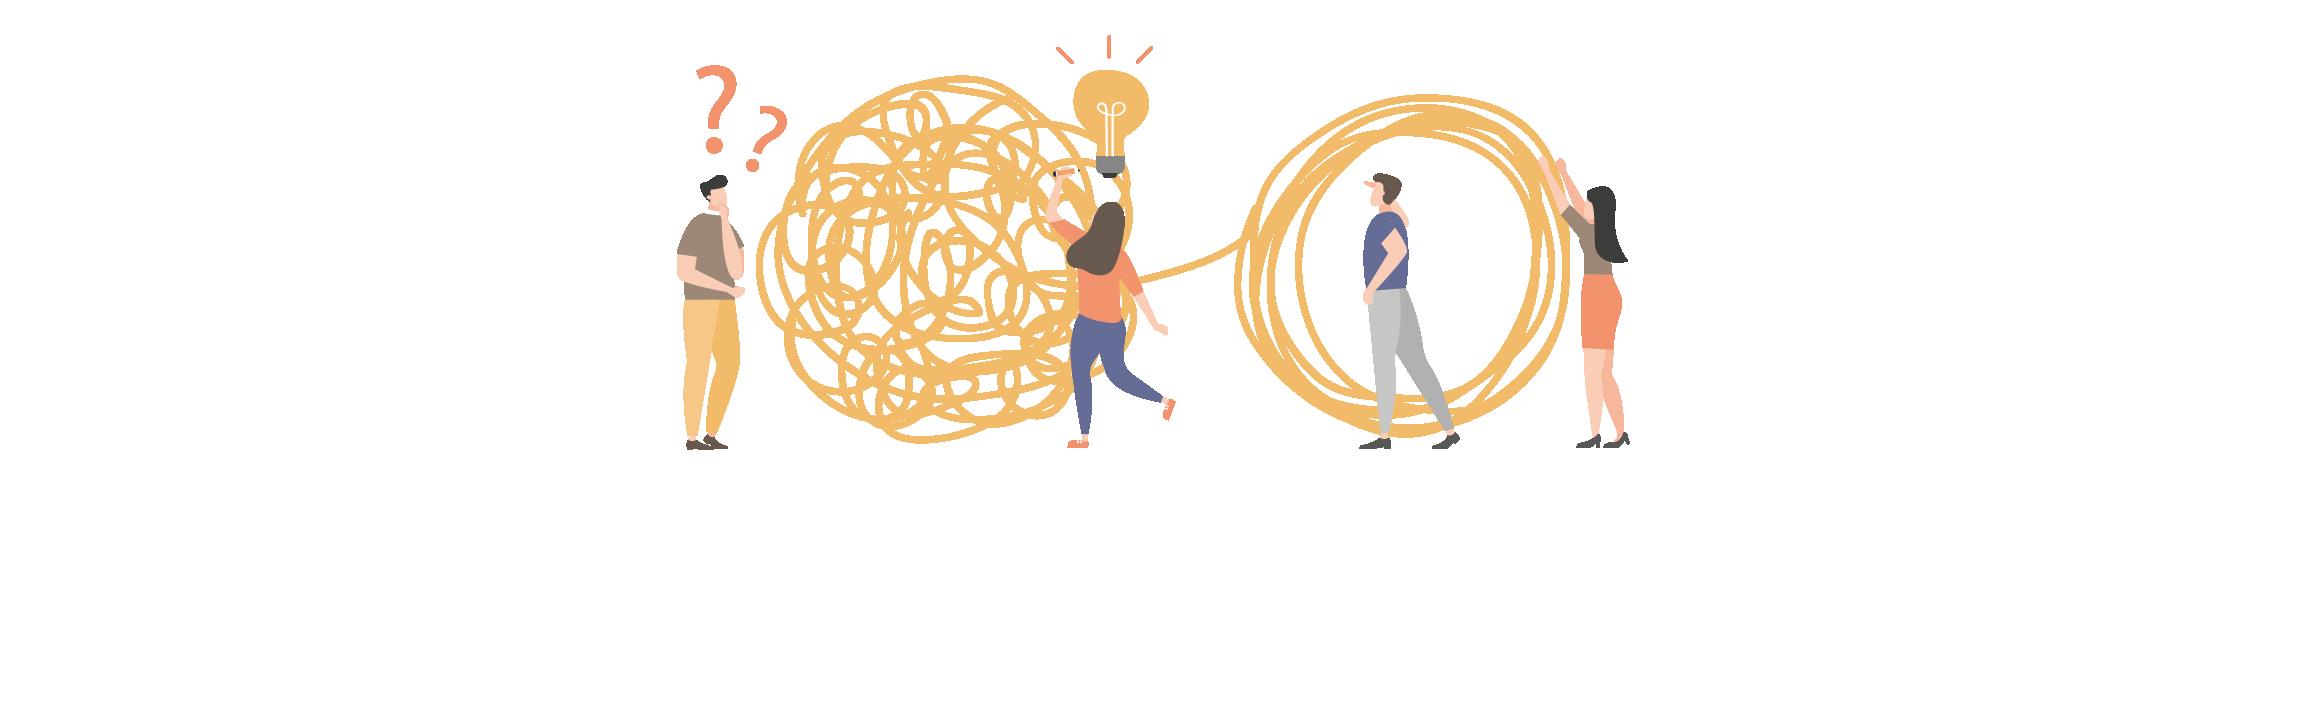 Ilustración de personas aclarando dudas - erein psicología